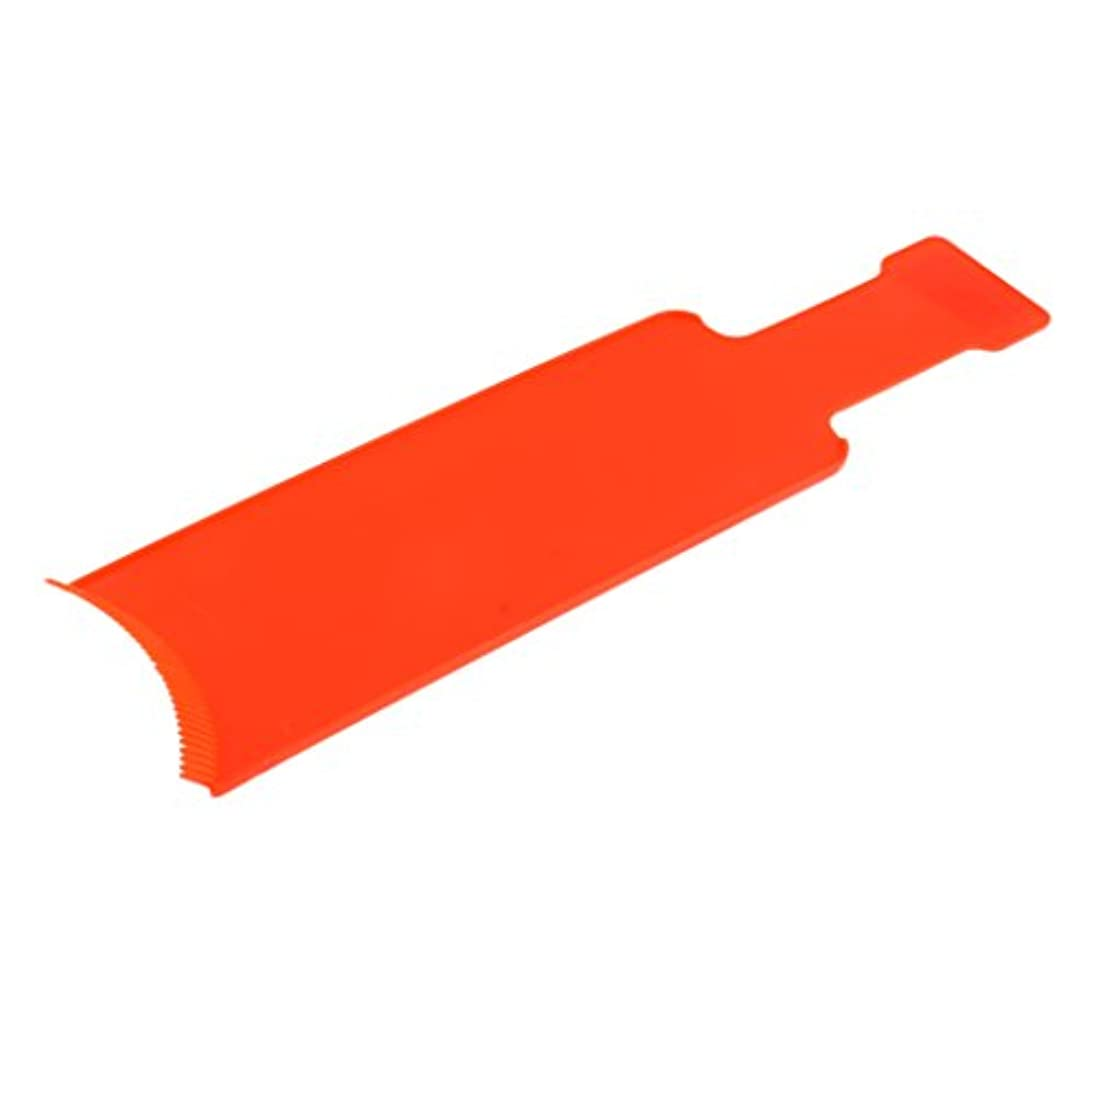 にじみ出る植物学ドル染色櫛プレート 染めボード ヘアカラー 櫛 着色ボード ヘアブラシ セルフヘルプ プロ 家庭用 2サイズ2色選べる - オレンジ, L